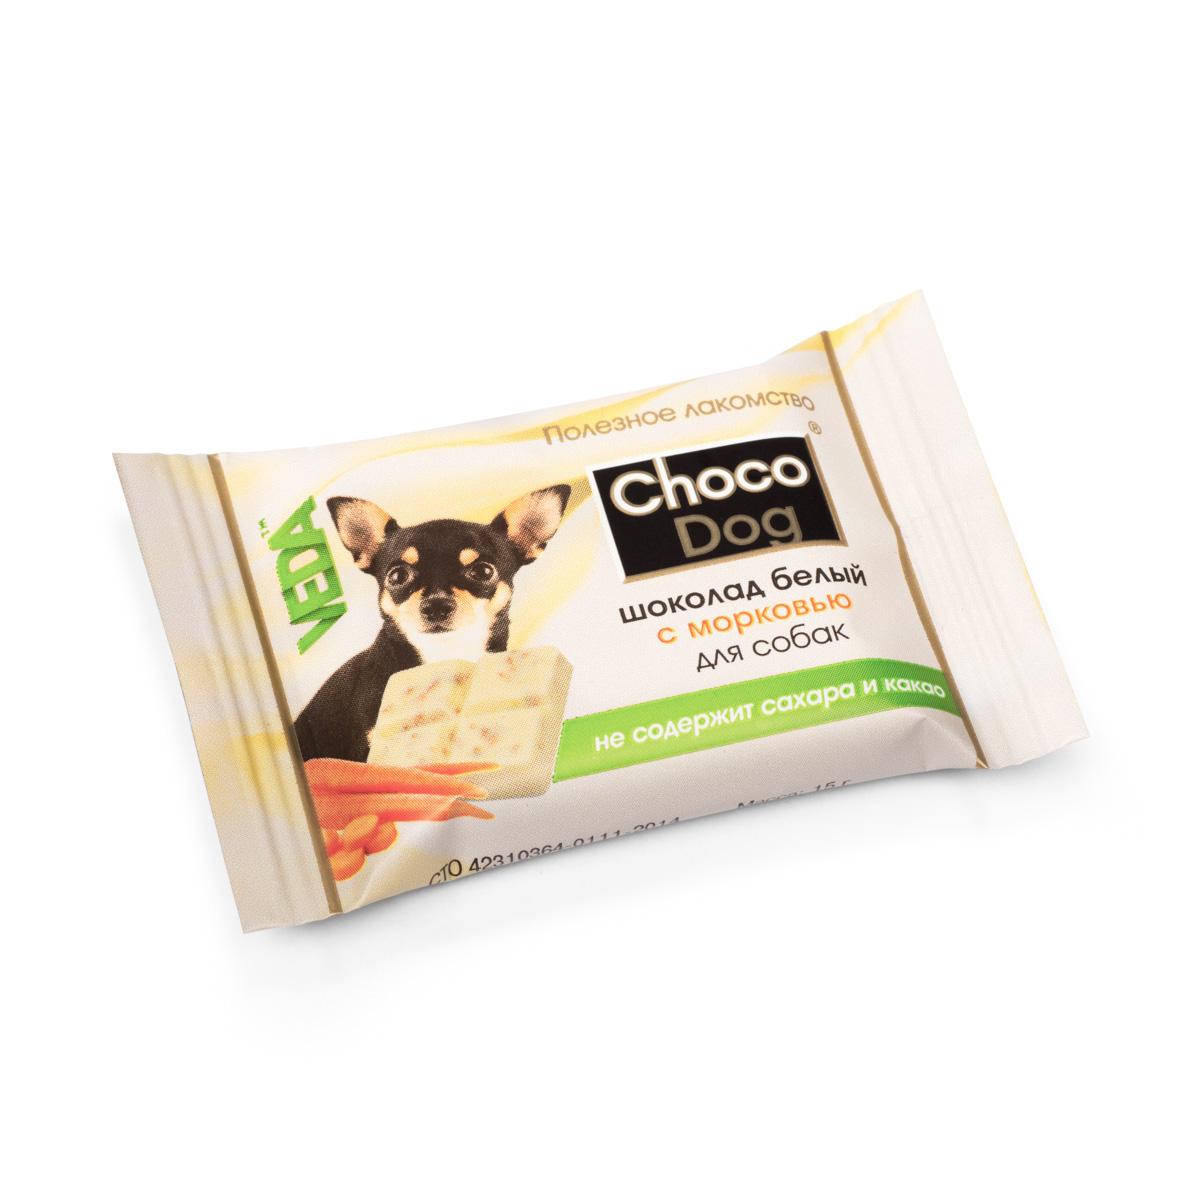 Choco Dog шоколад белый с морковью лакомство для собак, 15г4605543006593В состав лакомств серии Шоколад с полезным наполнителем введены натуральные ингредиенты, которые известны своим полезным действием на организм: - морковь способствует профилактике сердечных и глазных заболеваний; - инулин (пребиотик) поддерживает полезную микрофлору кишечника; - рис благодаря наличию витаминов группы В, витамина Е, ряда микроэлементов полезен для костей, сердца и сосудов.